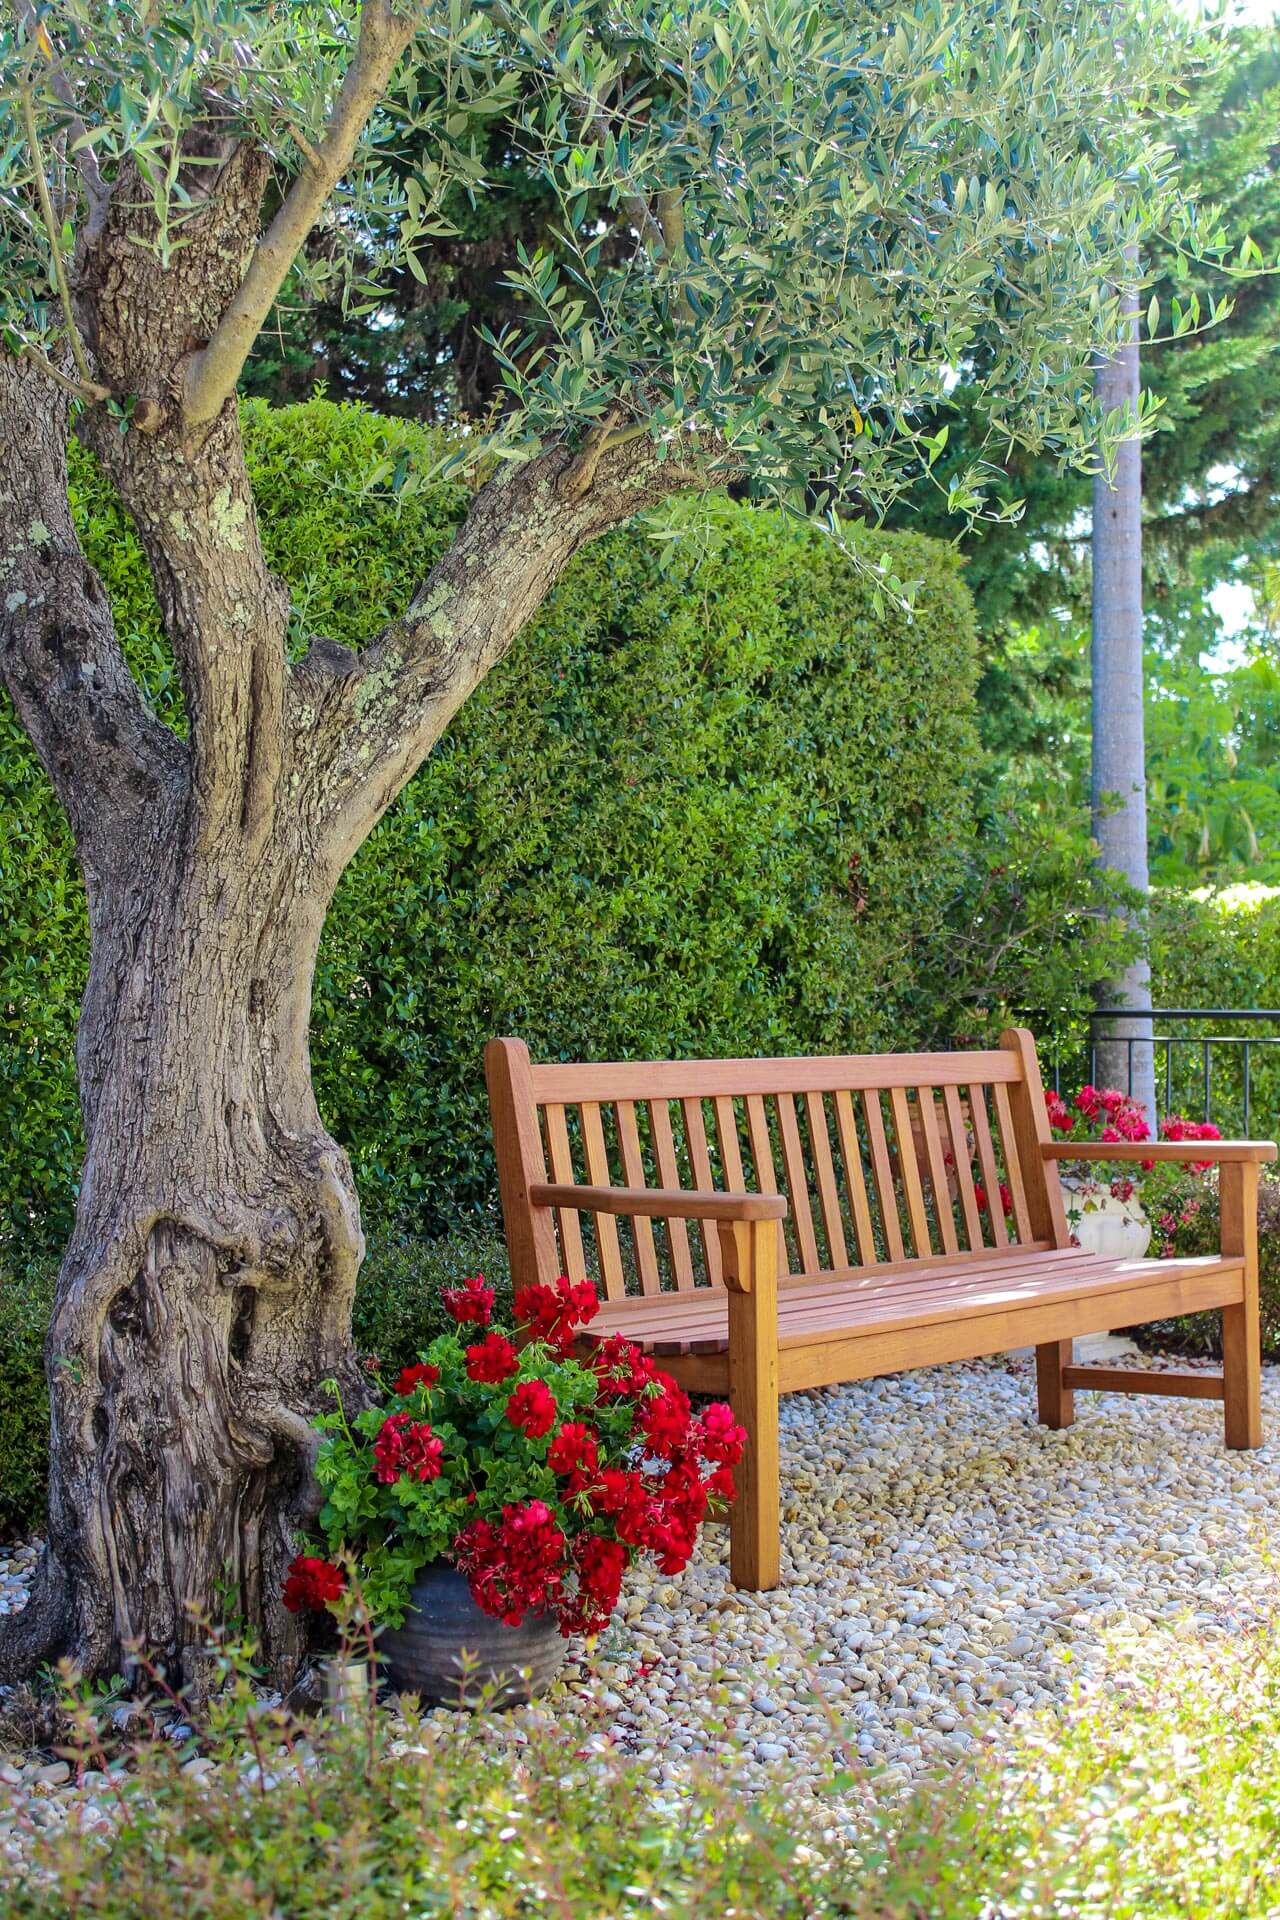 Meditteranean style garden bench under olive tree